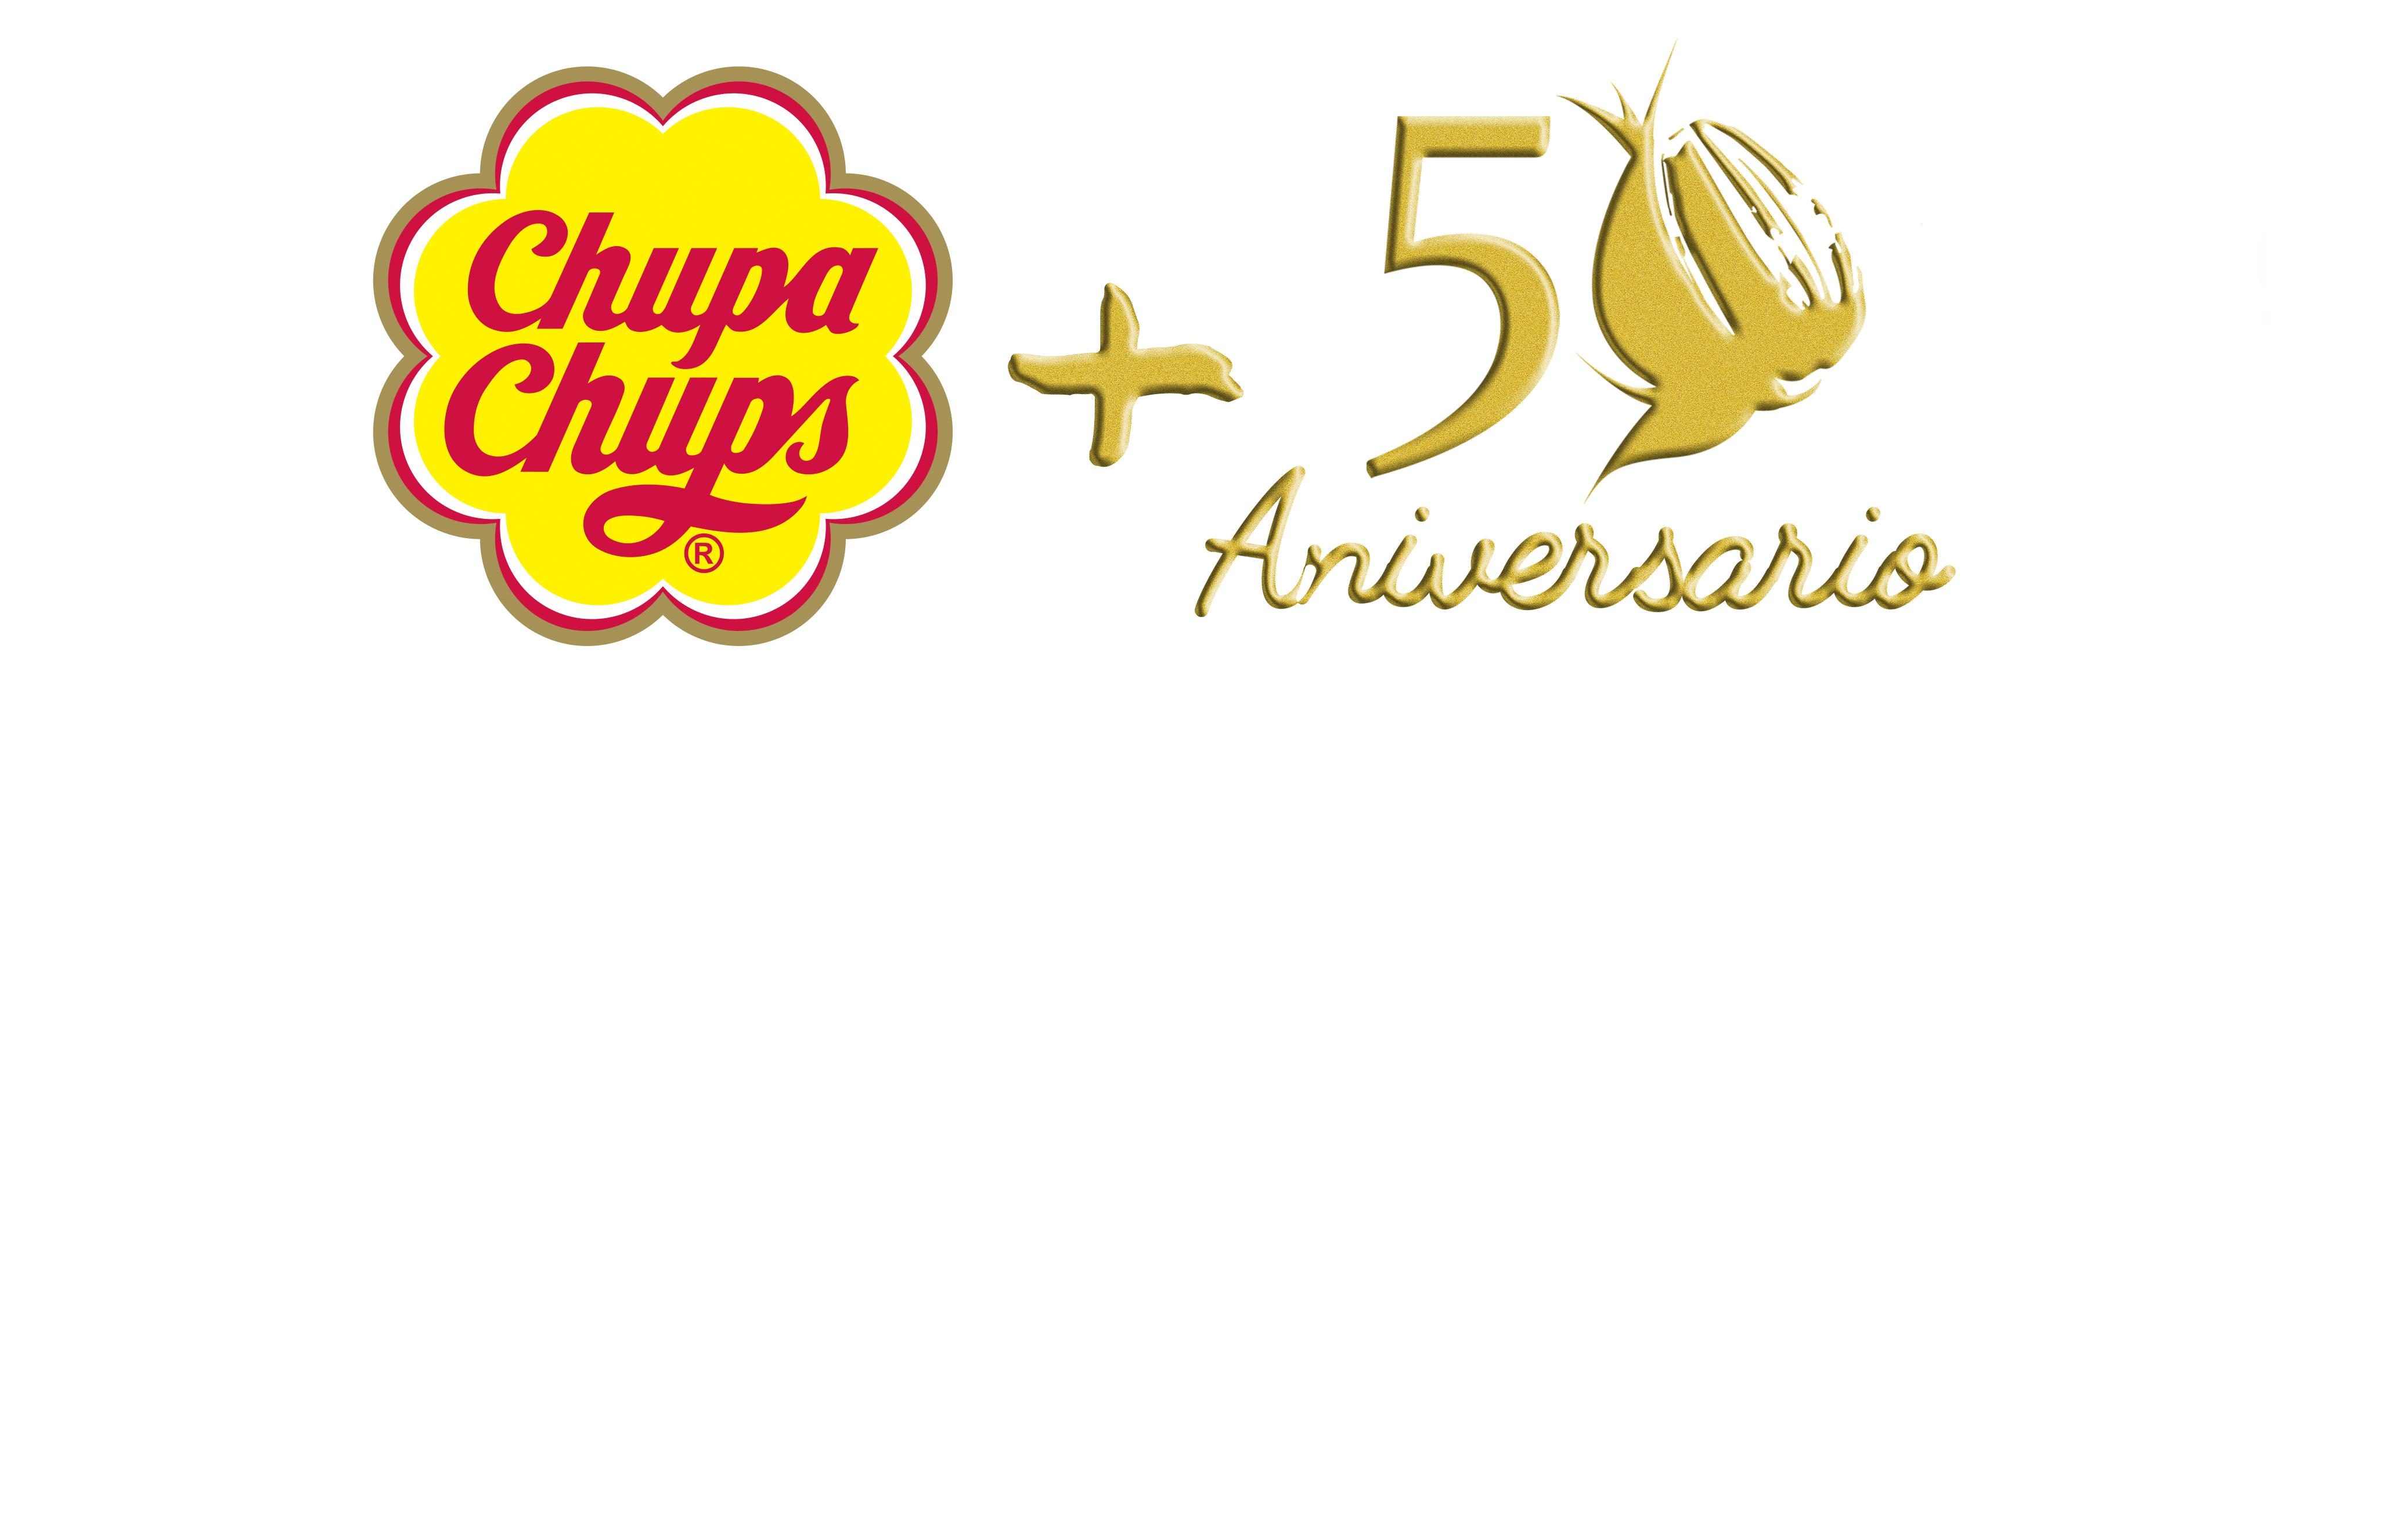 Promociones Chupa Chups – Barragán Espinar 50 aniversario